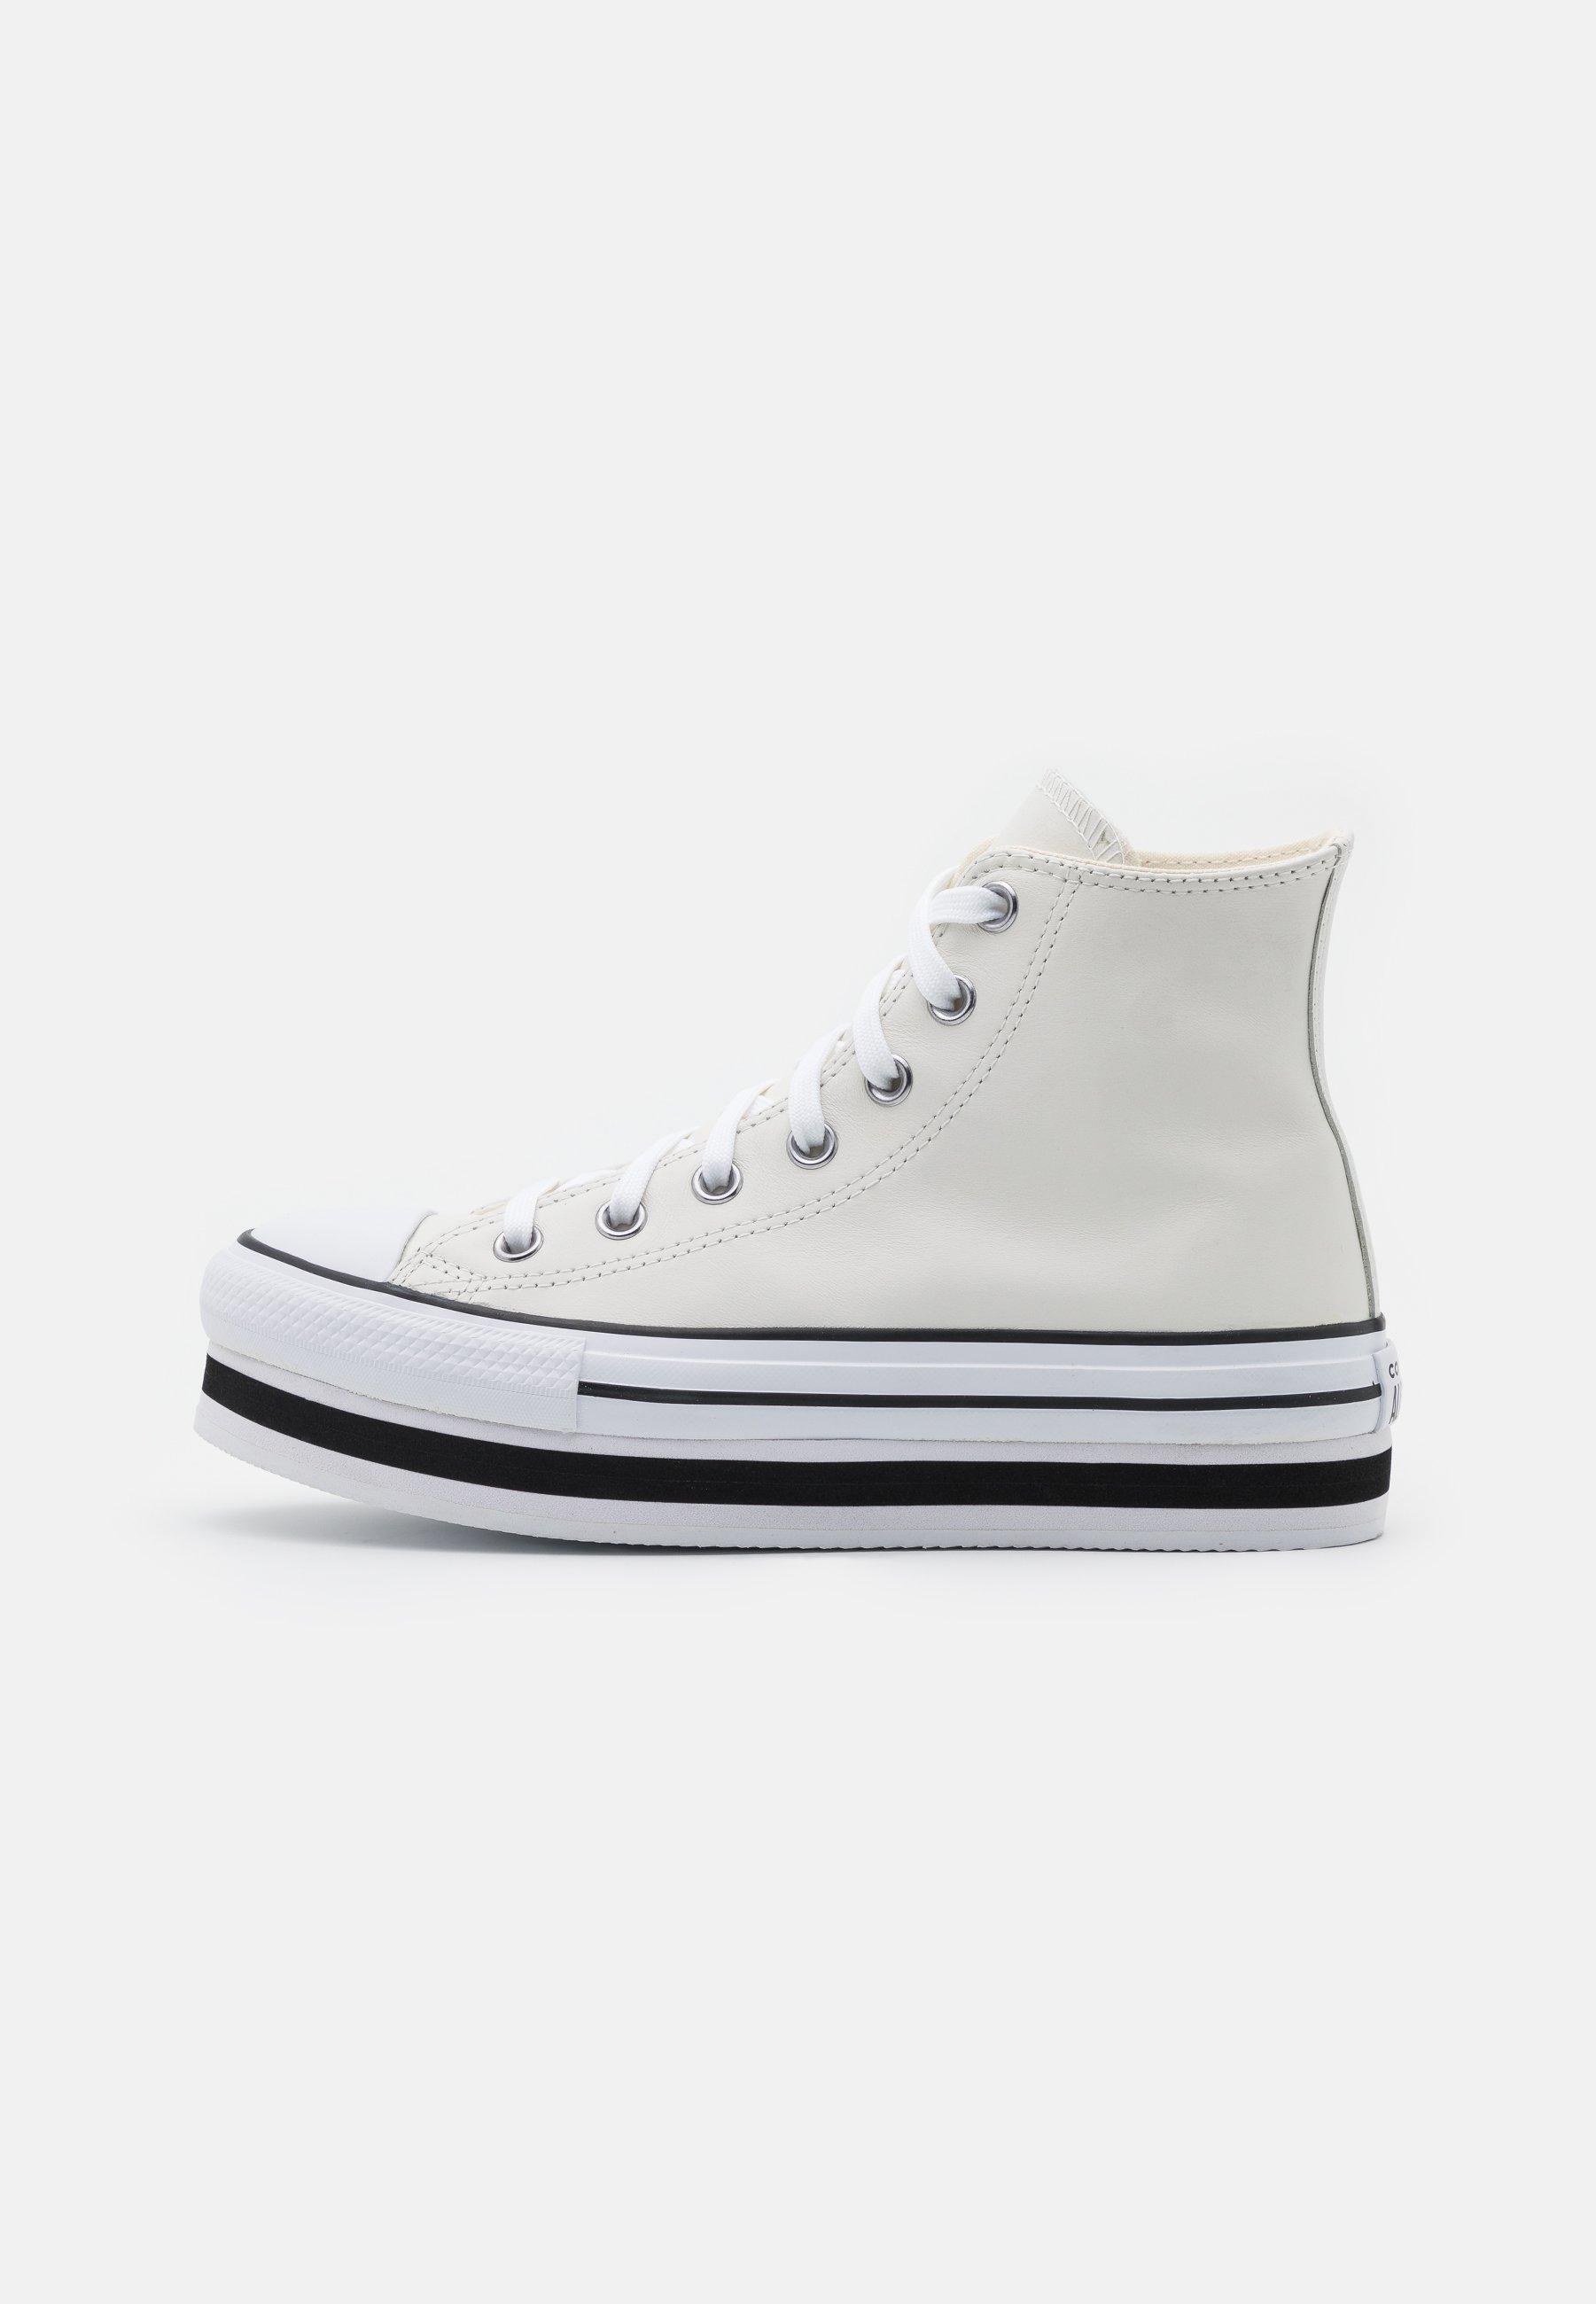 scarpe converse all star alte